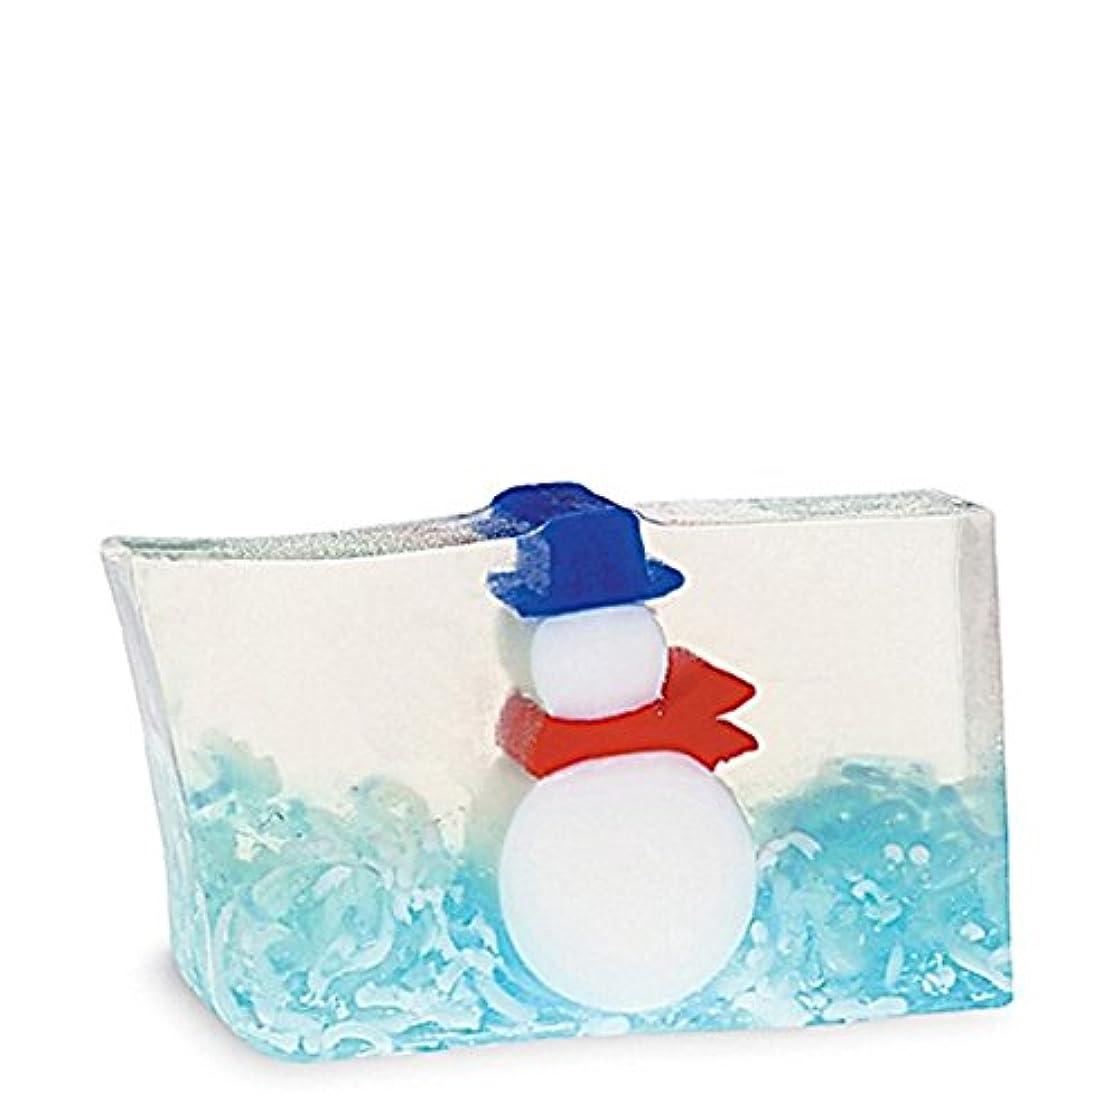 アイザック円形の靴原初の要素雪だるま石鹸170グラム x2 - Primal Elements Snowman Soap 170g (Pack of 2) [並行輸入品]